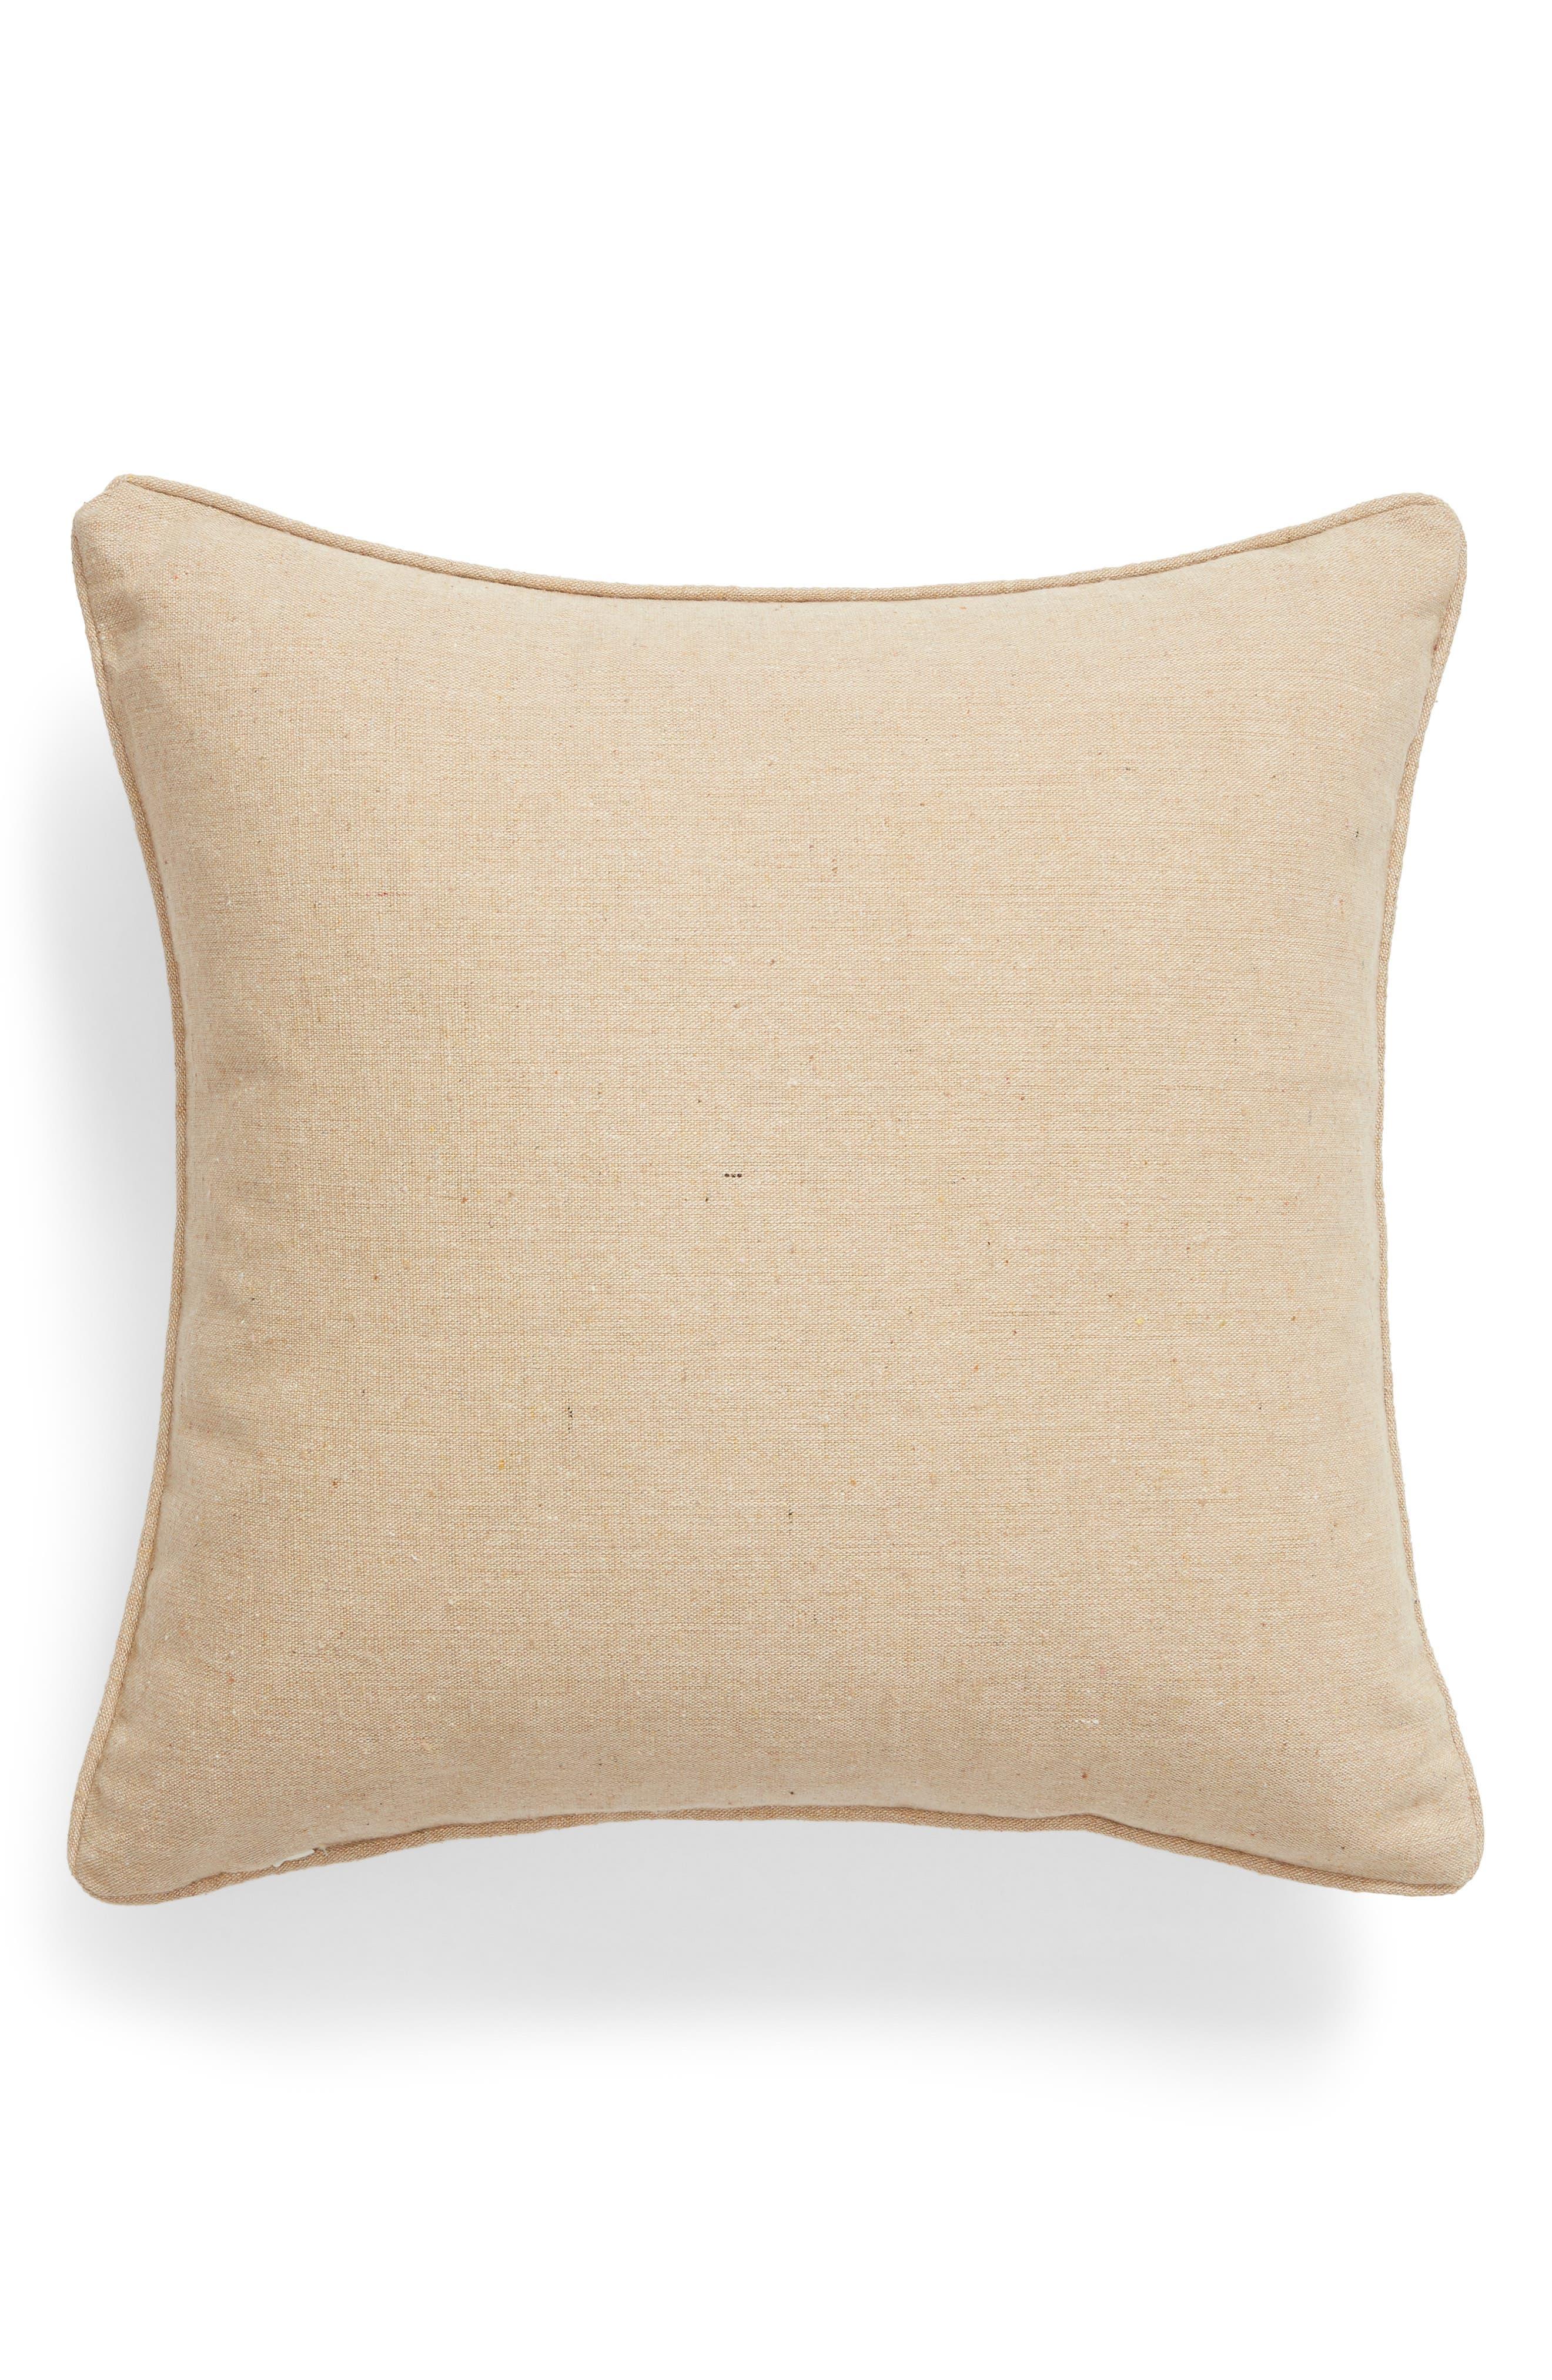 Saffron Crewel Stitch Accent Pillow,                             Alternate thumbnail 2, color,                             251